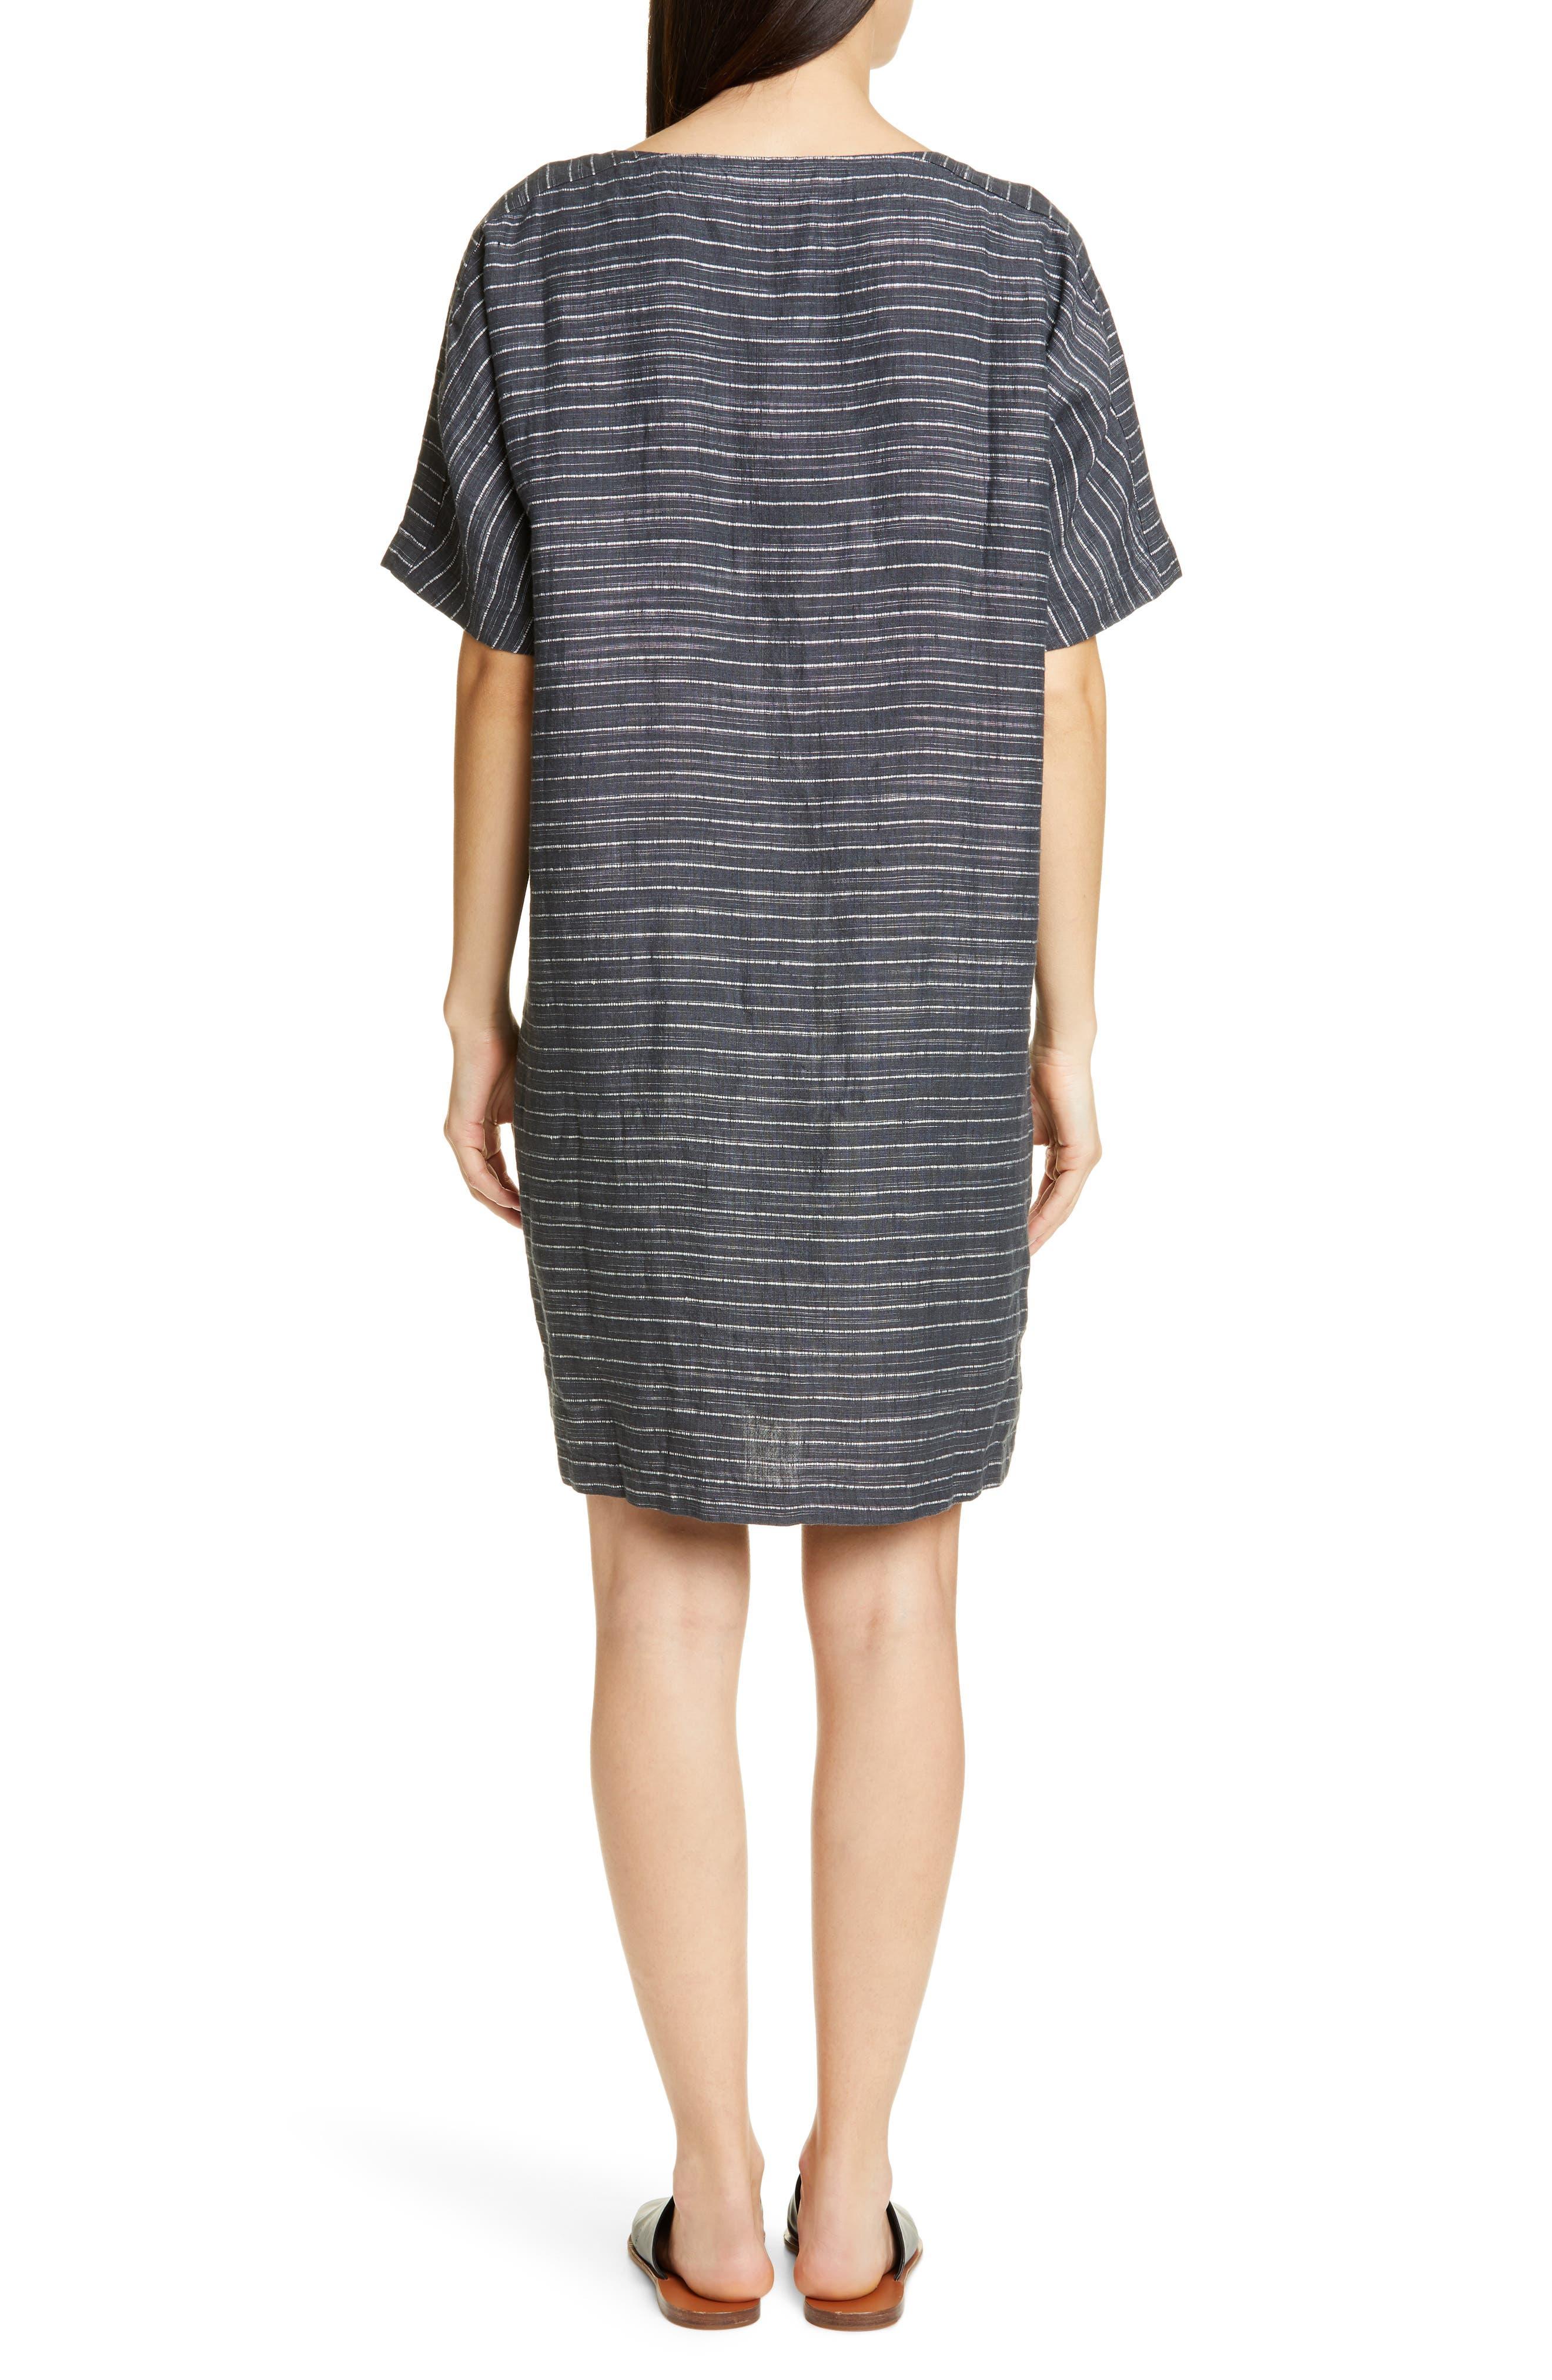 EILEEN FISHER,                             Stripe Linen Tunic Dress,                             Alternate thumbnail 2, color,                             GRAPHITE